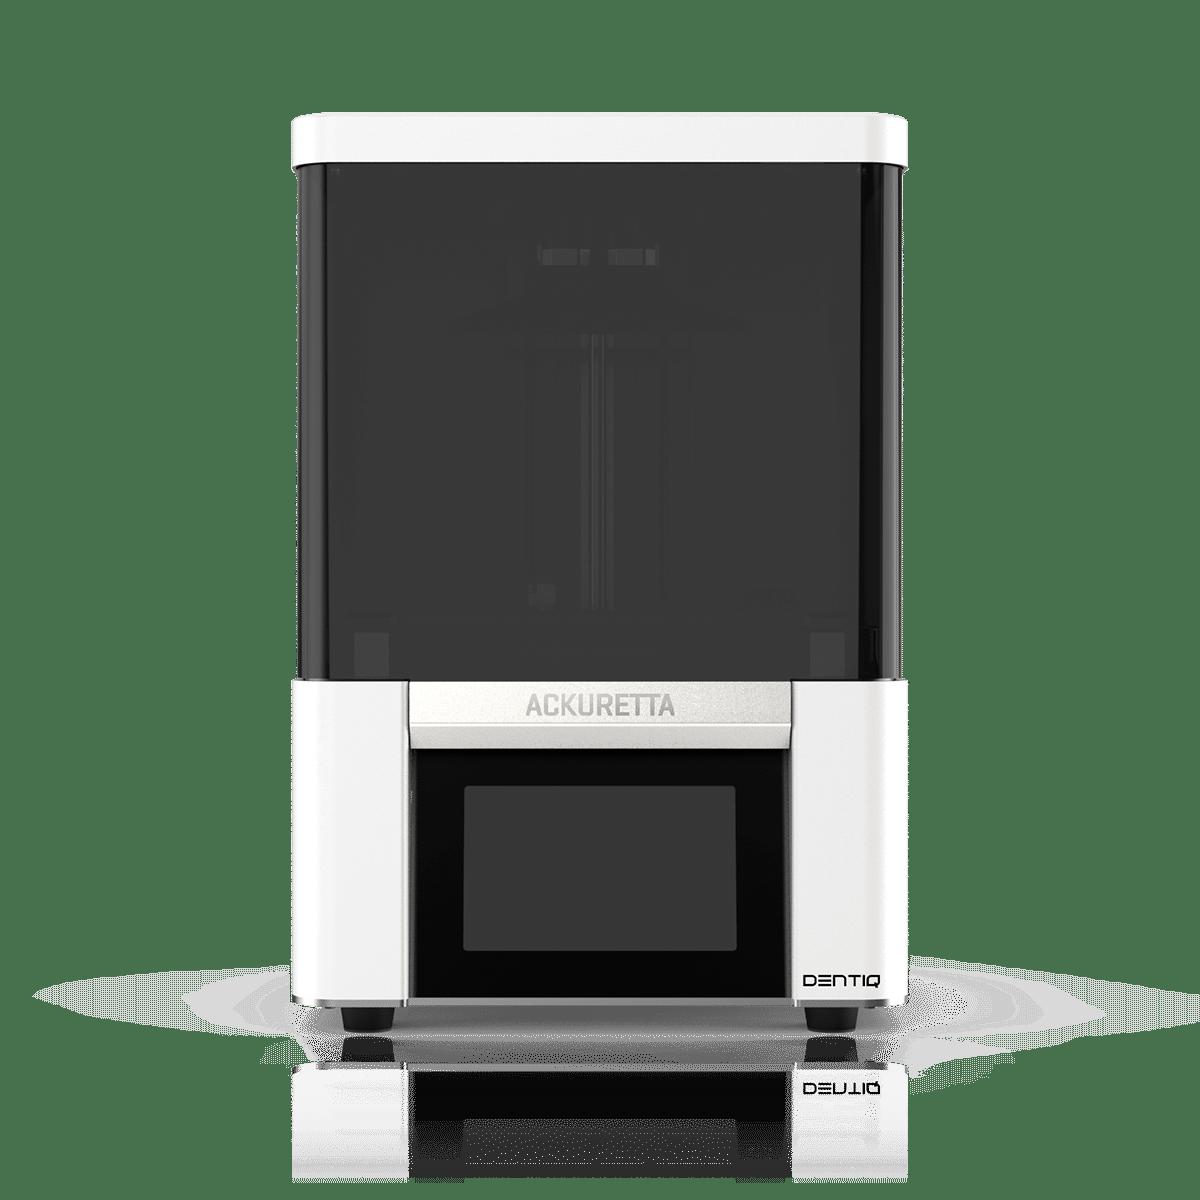 Dentiq 3D Drucker